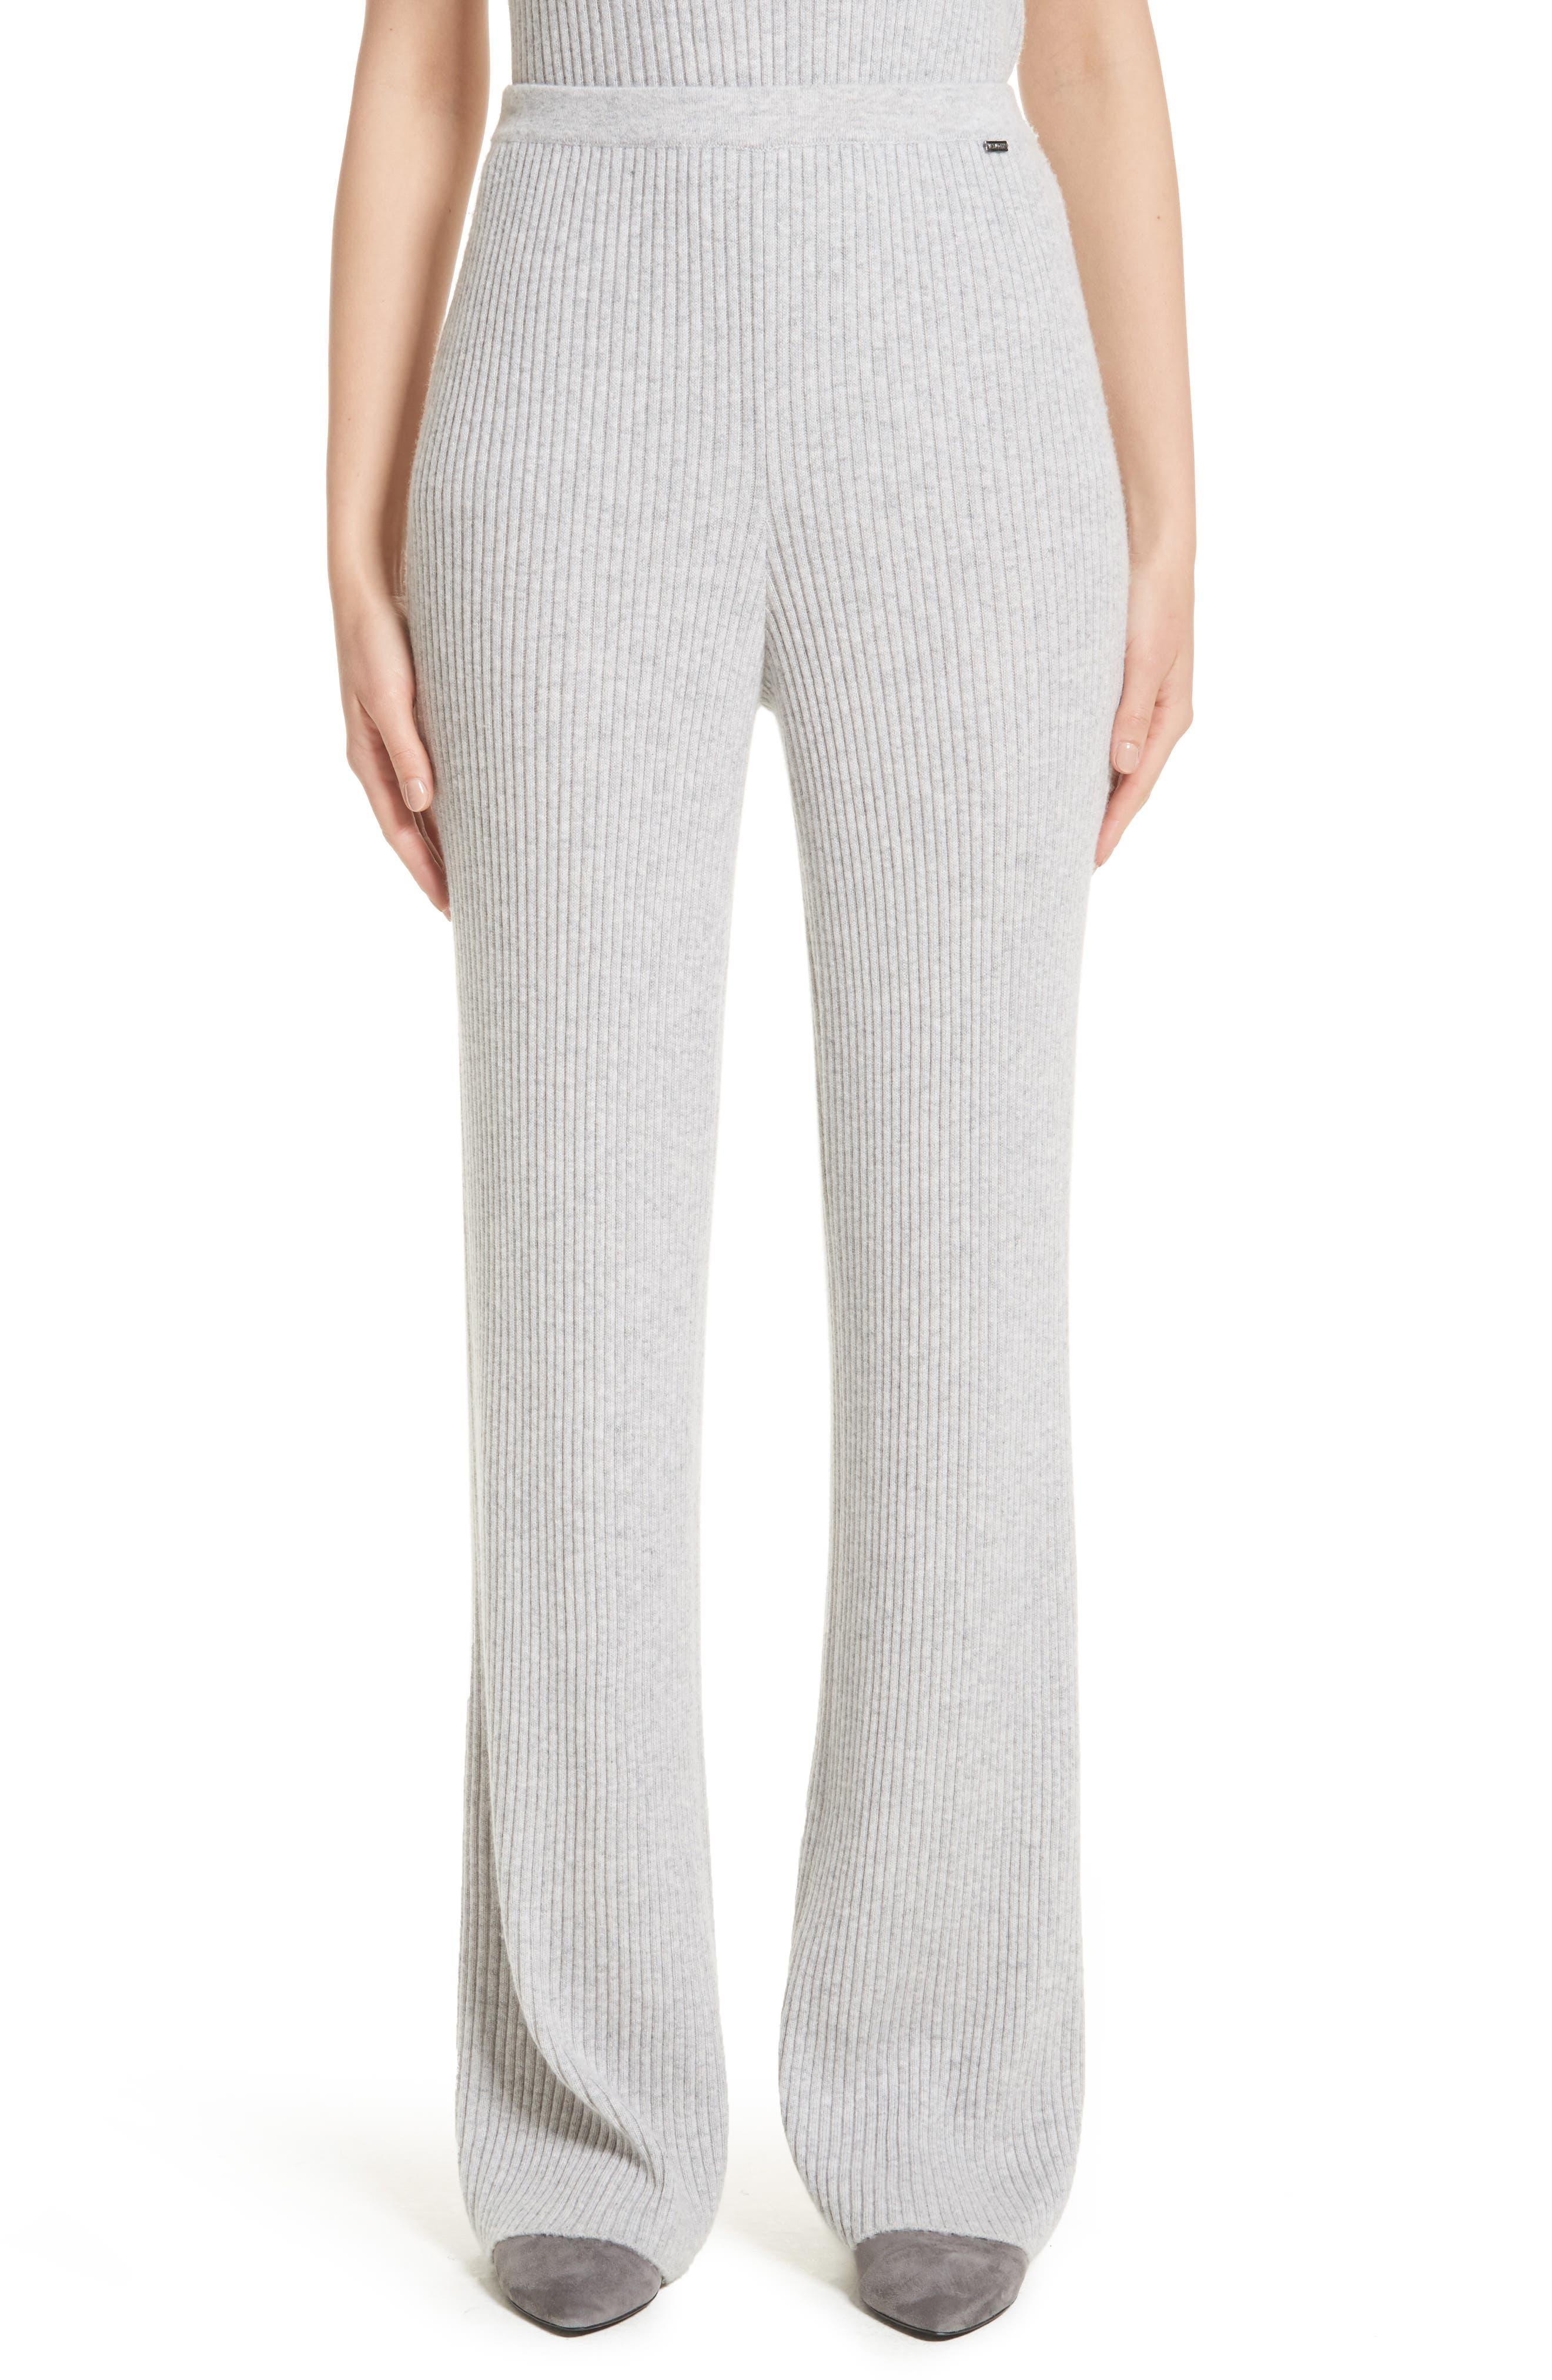 Cashmere Knit Pants,                         Main,                         color, 060